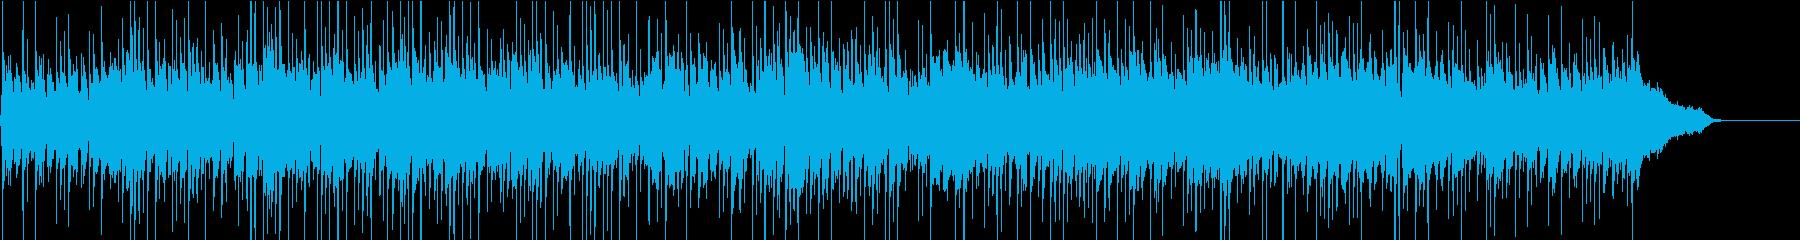 動画のオープニングにオススメなバラードの再生済みの波形